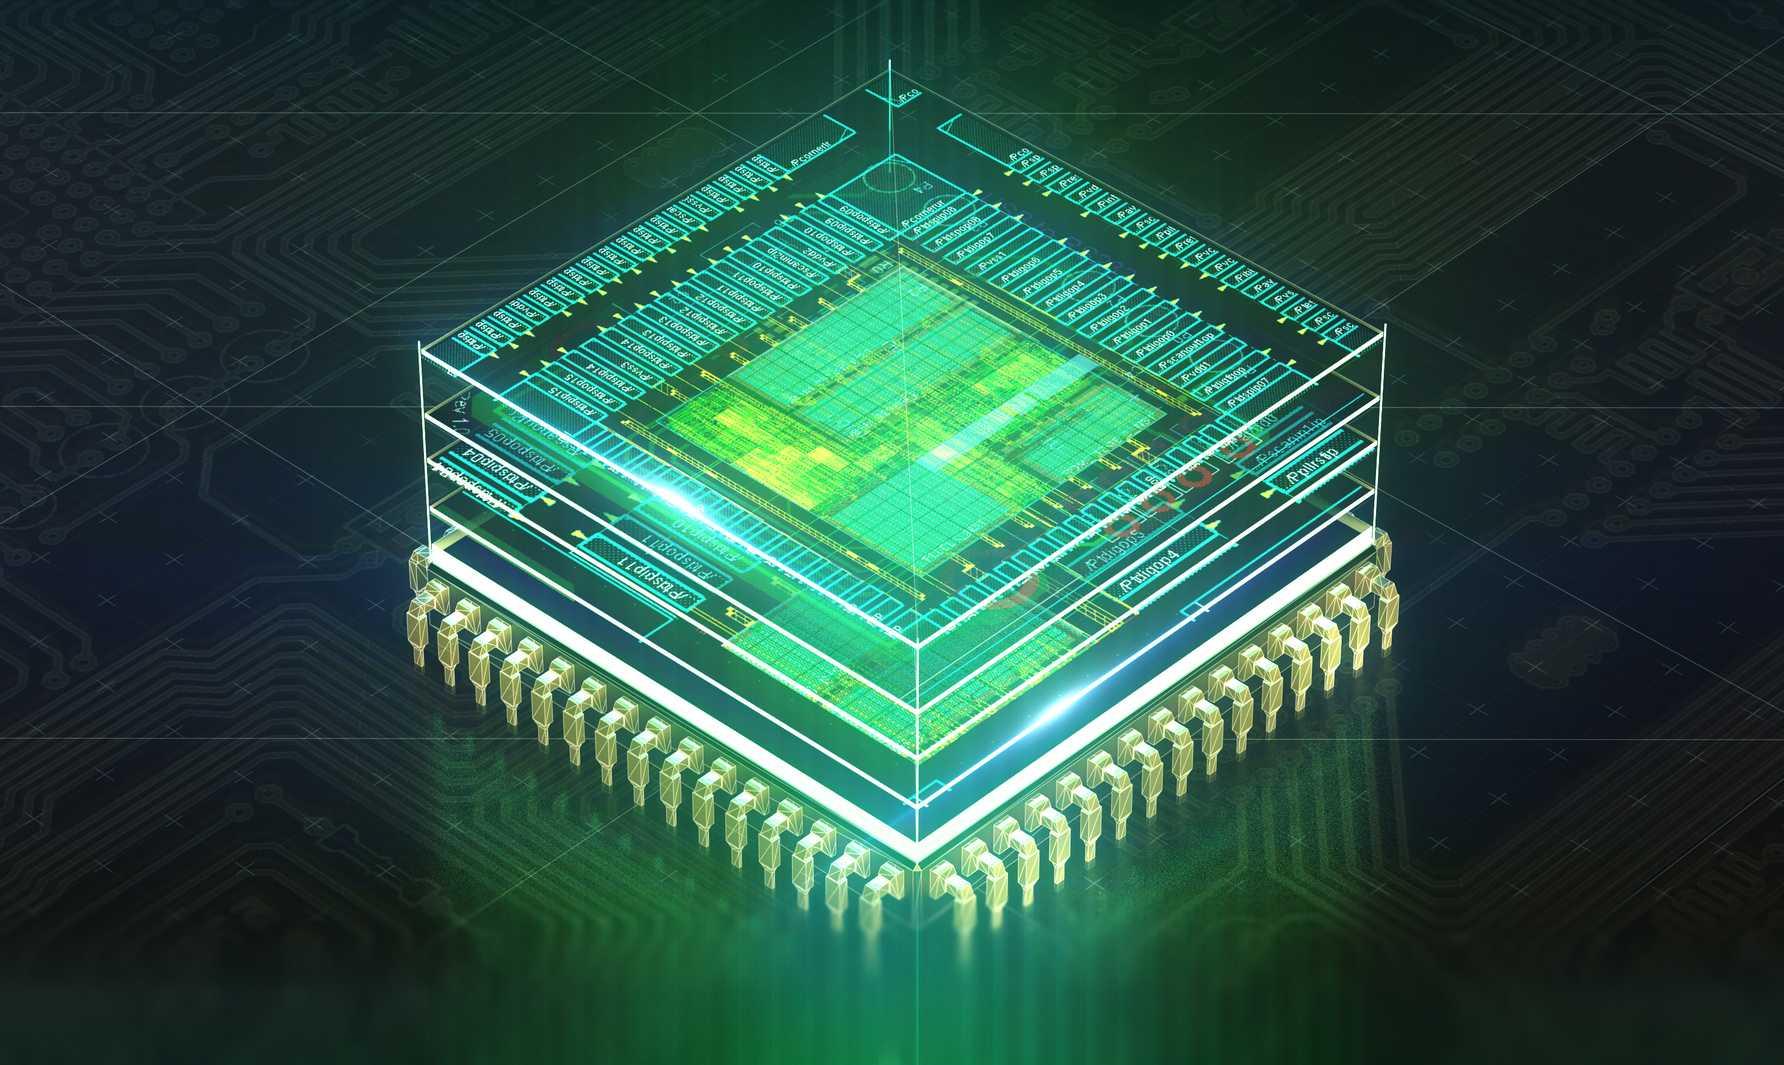 Новый чип может изменить будущее искусственного интеллекта - hi-news.ru